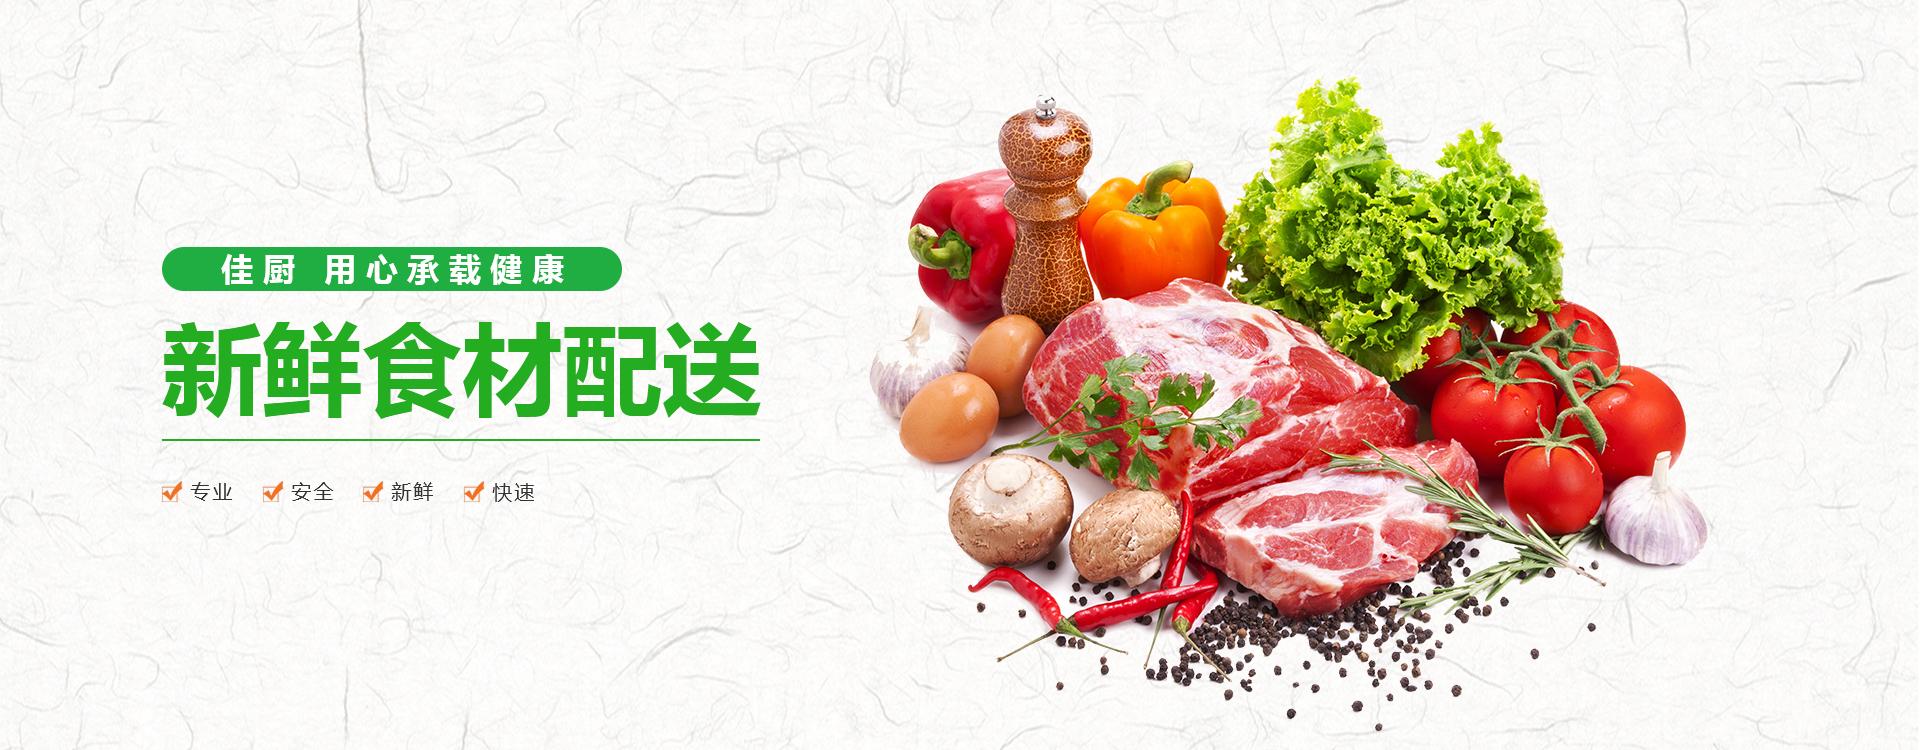 惠州食材配送